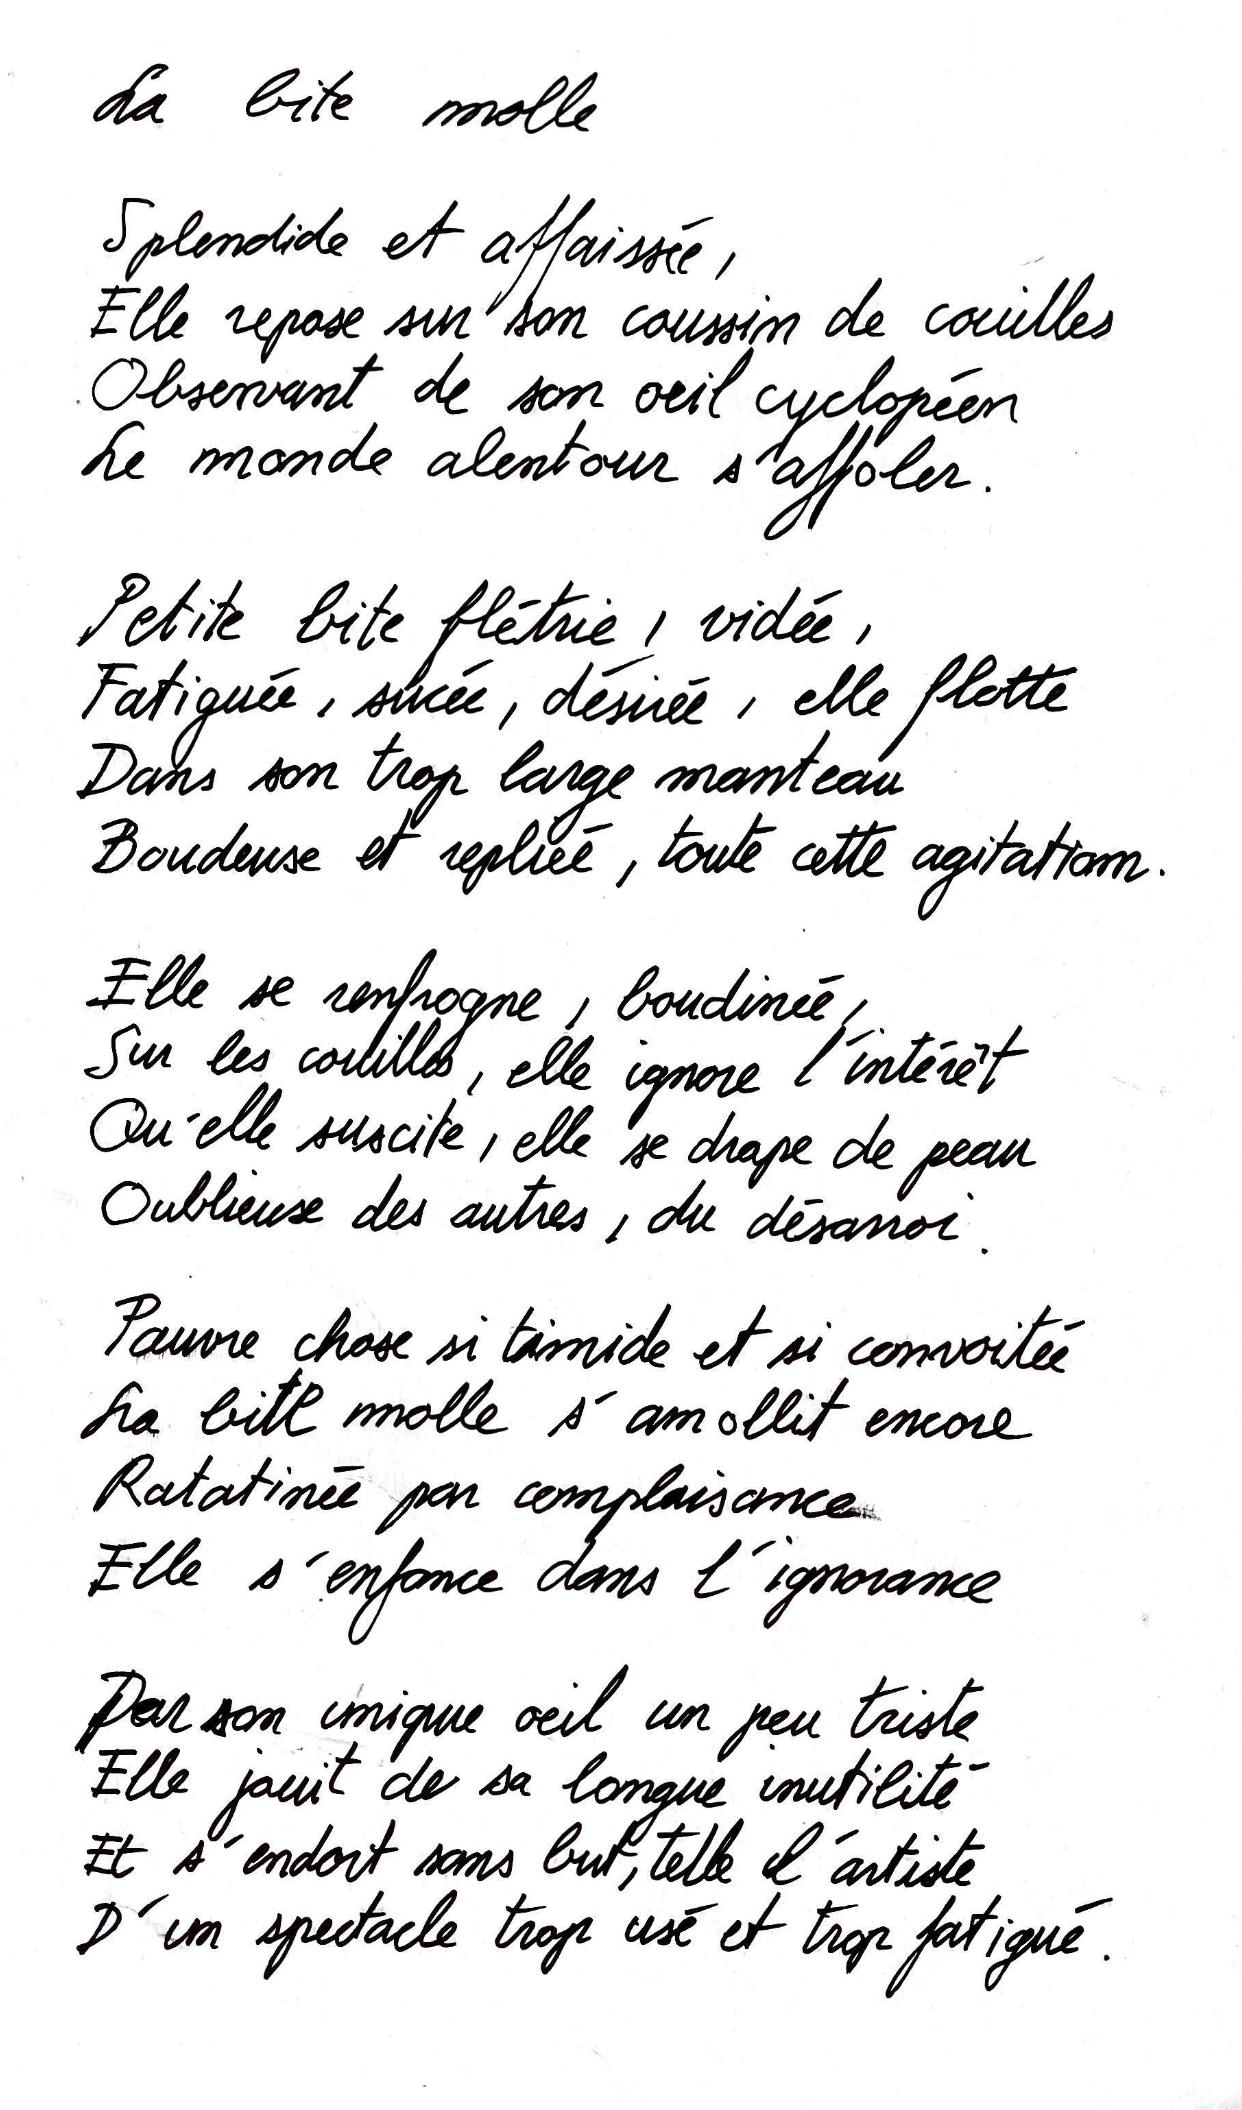 La bite molle poème